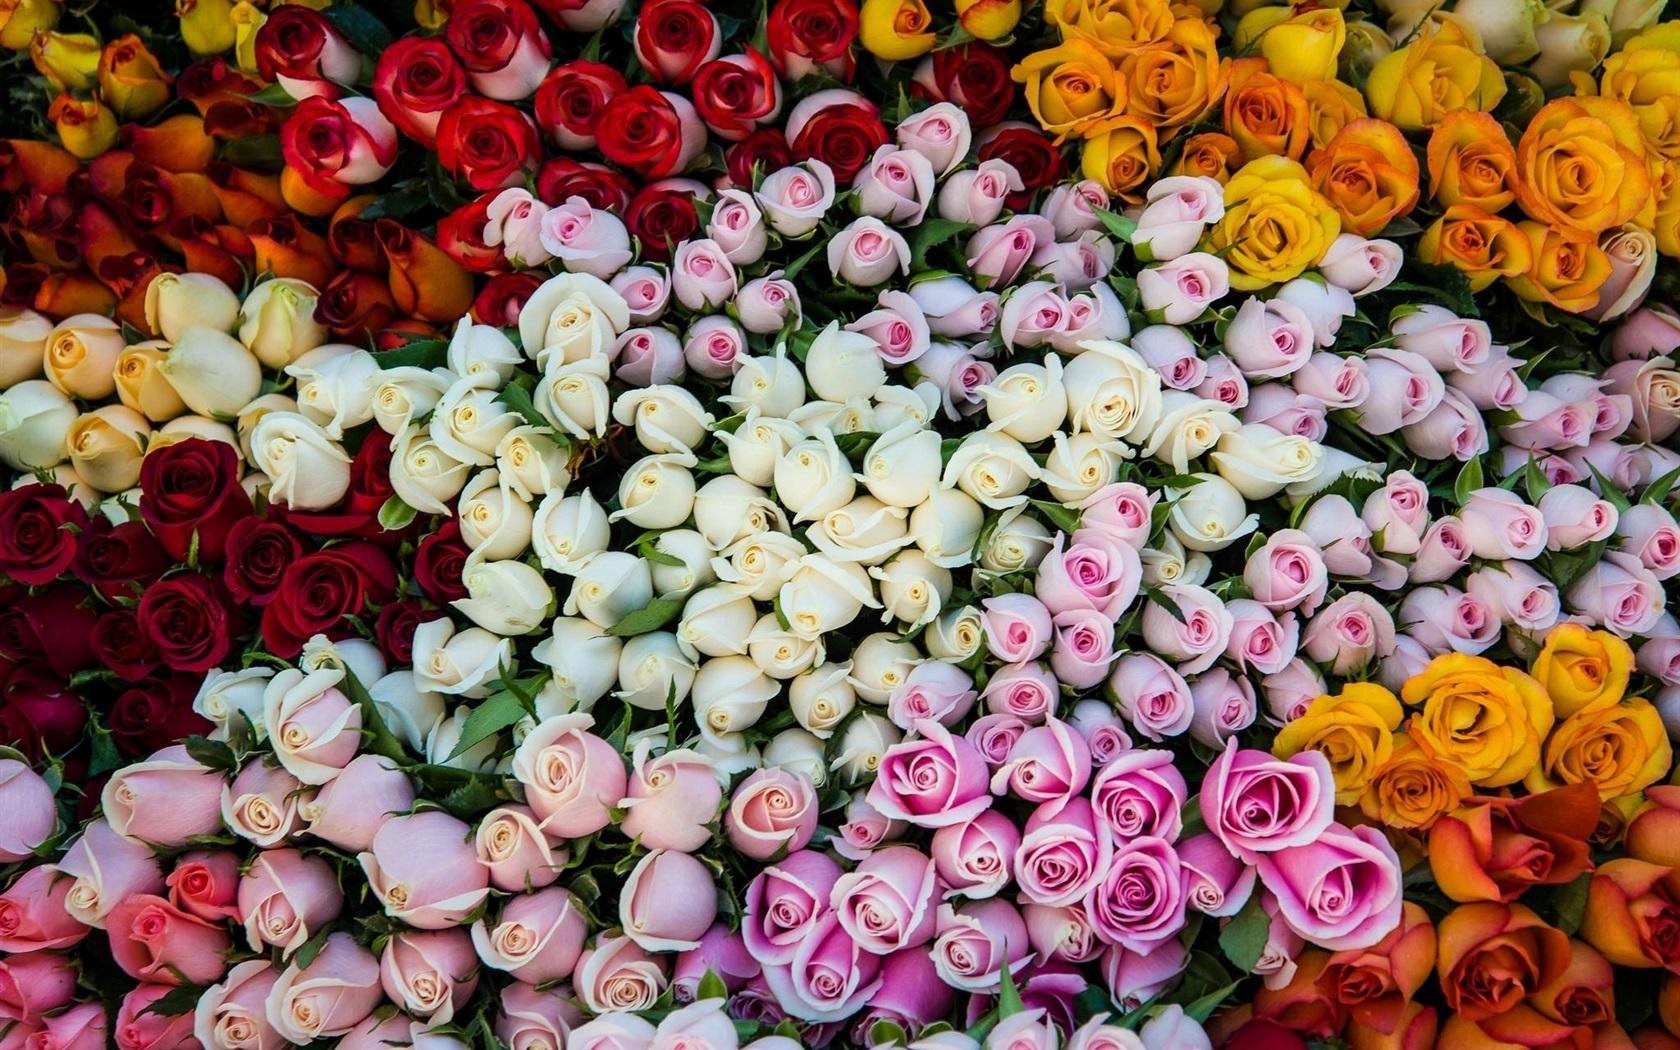 разные цветы на одной картинке долга невыполненный план